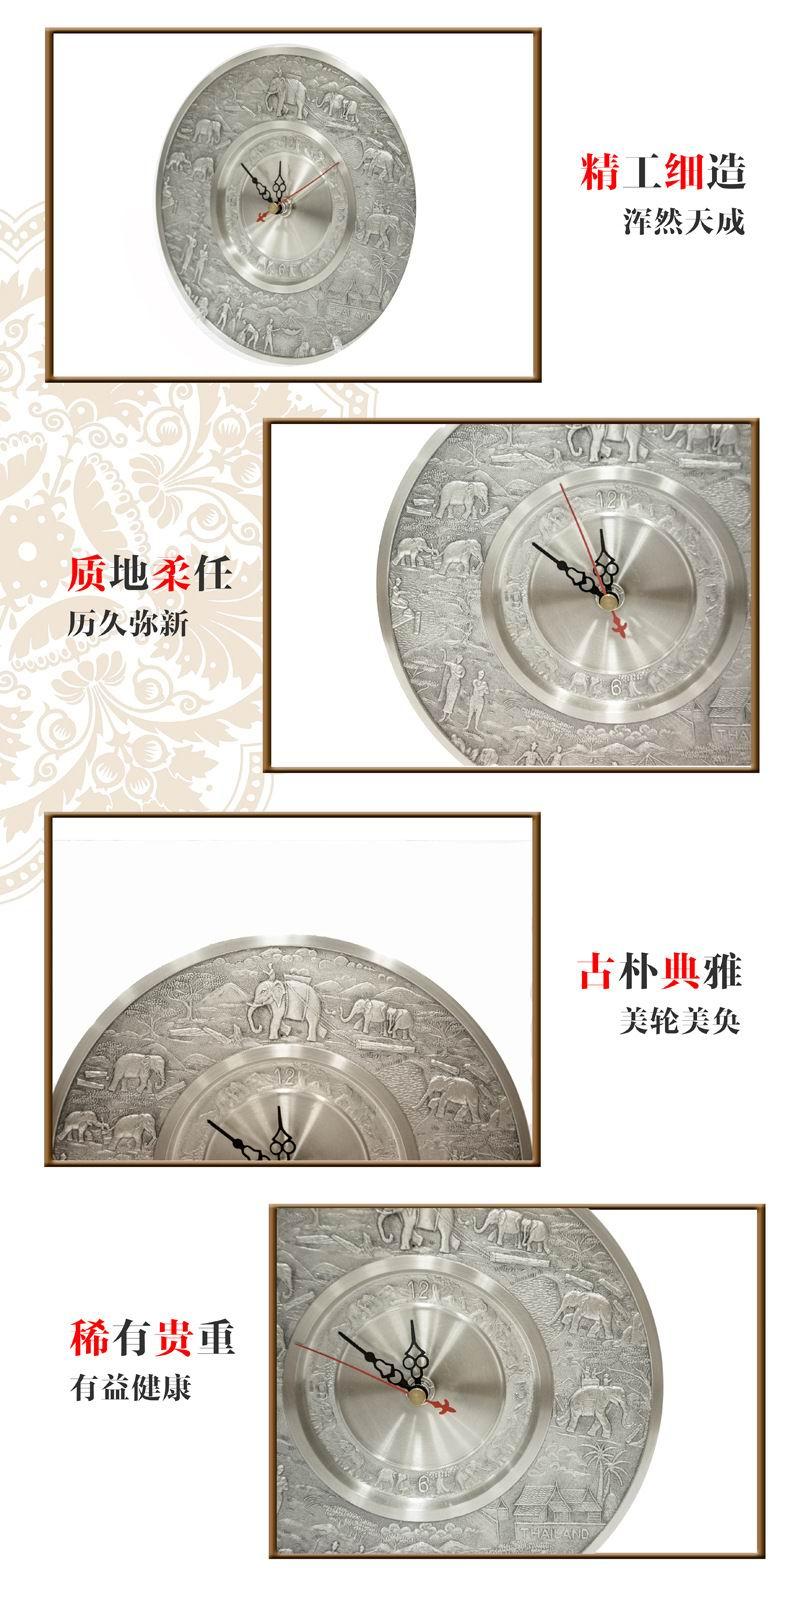 泰国 锡金盘钟 圆形象图 特色钟表摆件 工艺品 团图片三